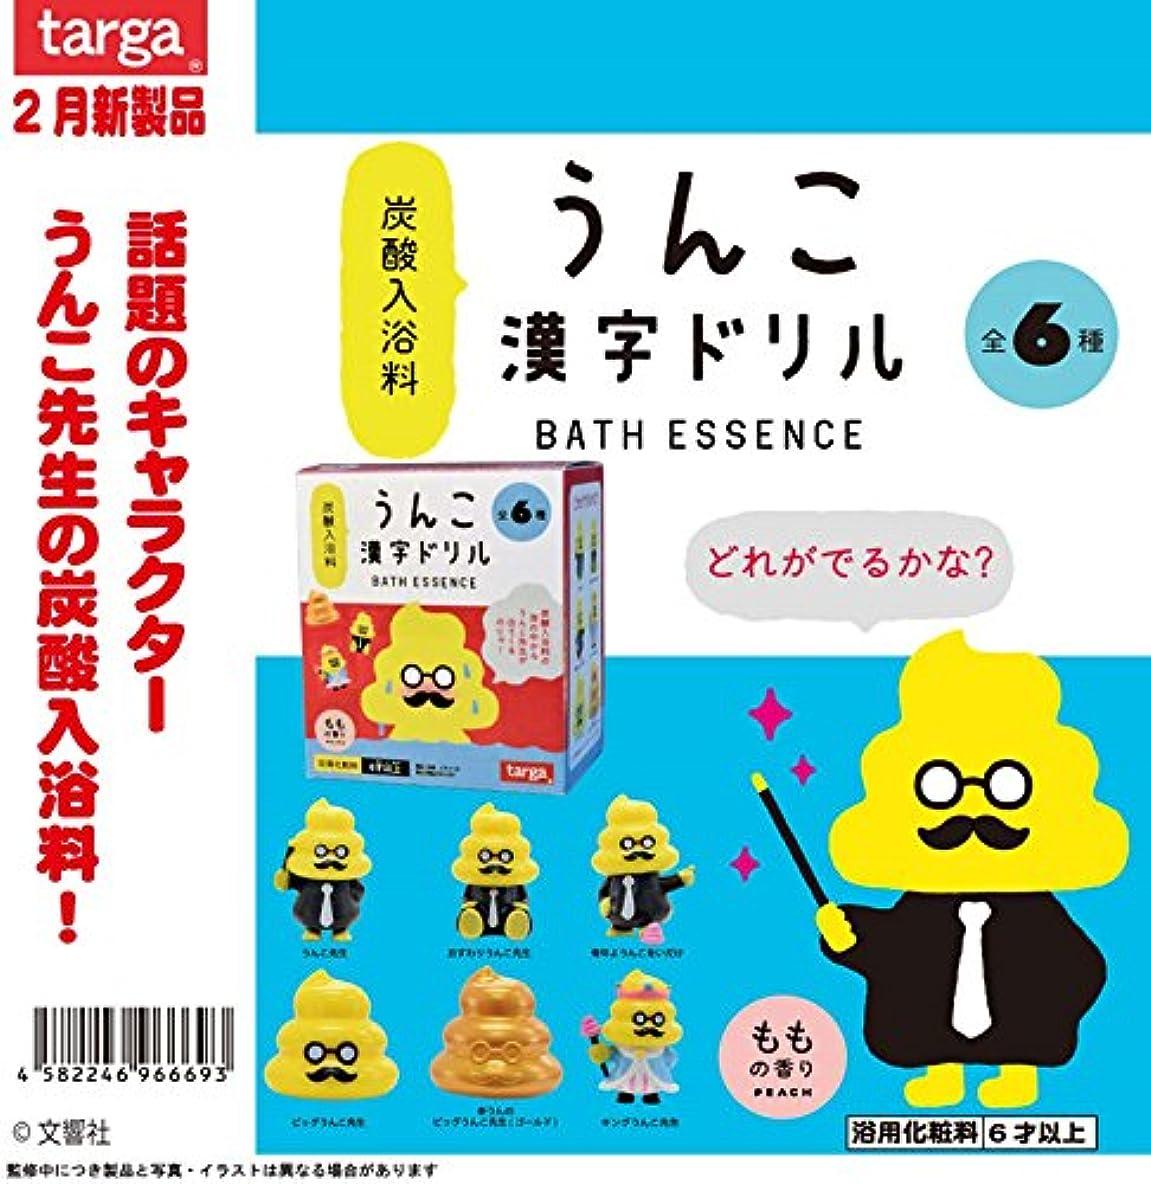 代わりの反対するチェスうんこ漢字ドリル 炭酸入浴料 マスコットが飛び出るバスボールBOX(12入)